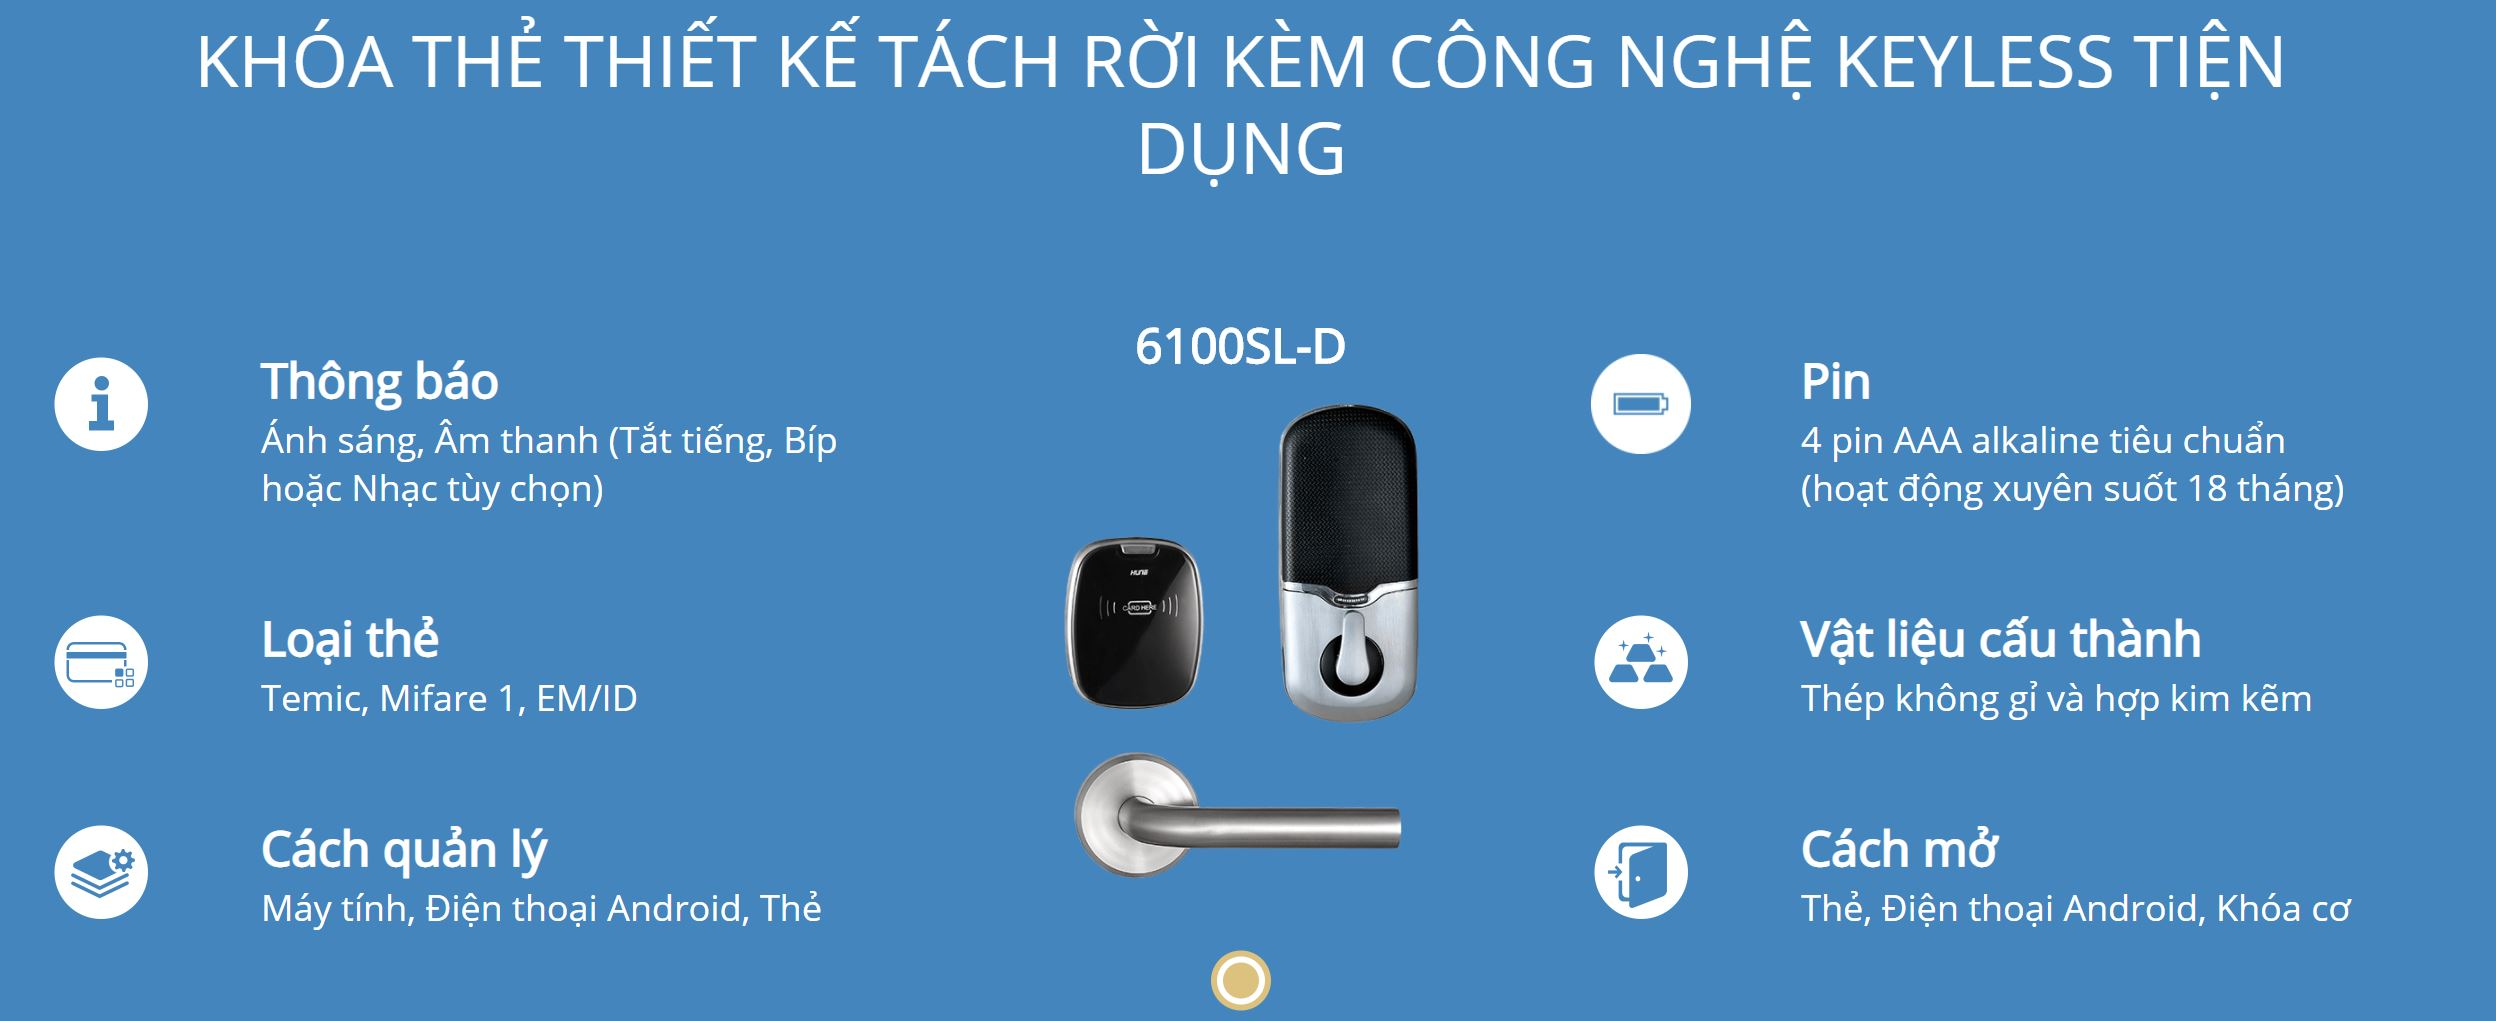 Thông tin kỹ thuật khóa thẻ Hune 6100-D